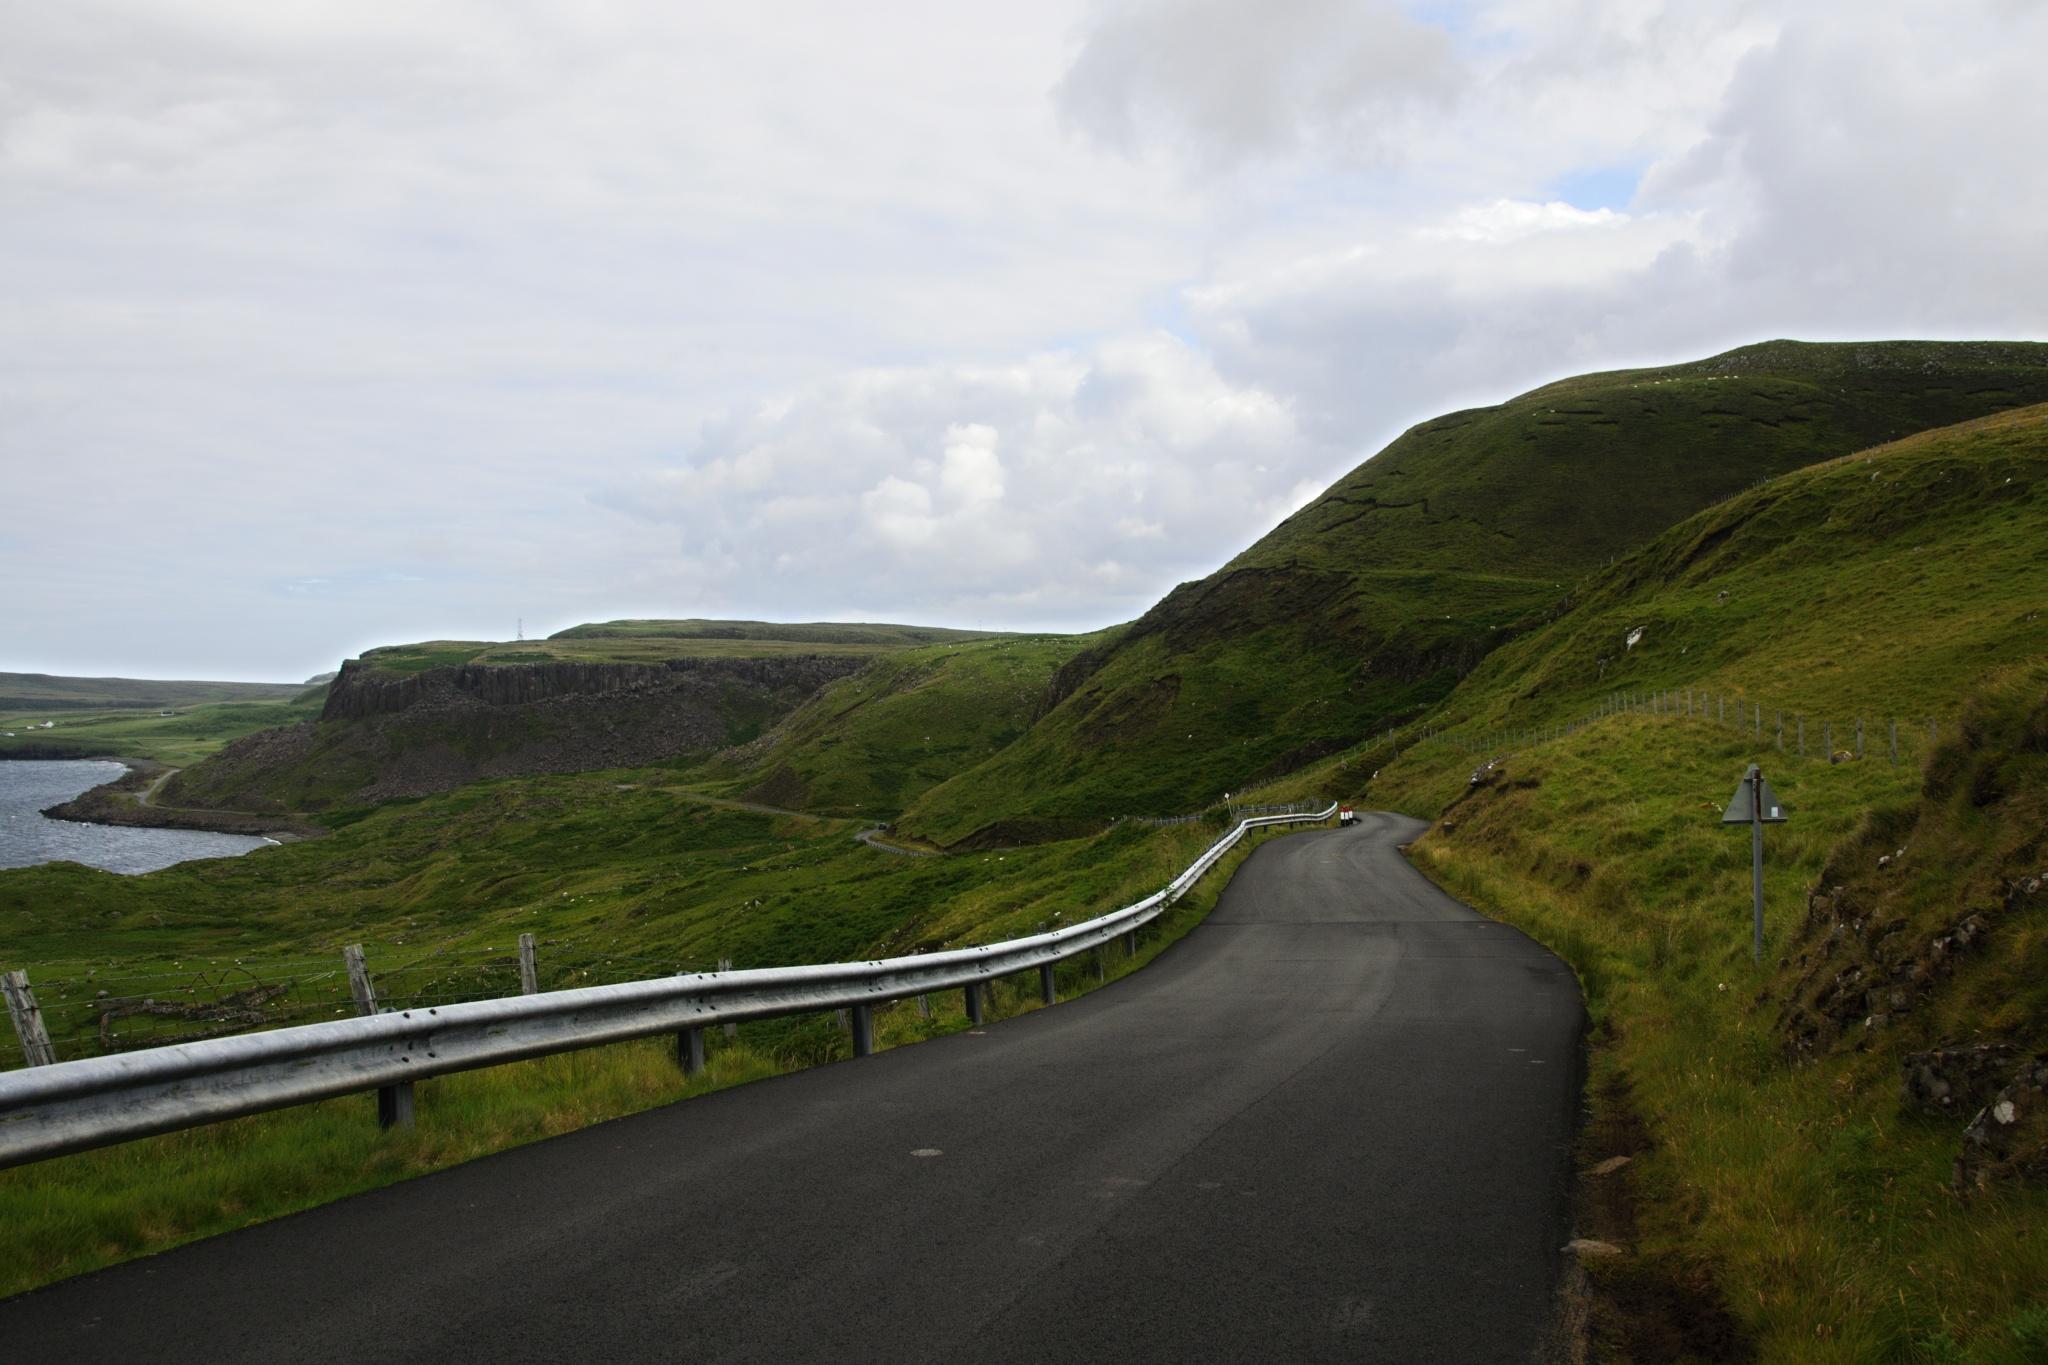 Silnice na ostrově Skye